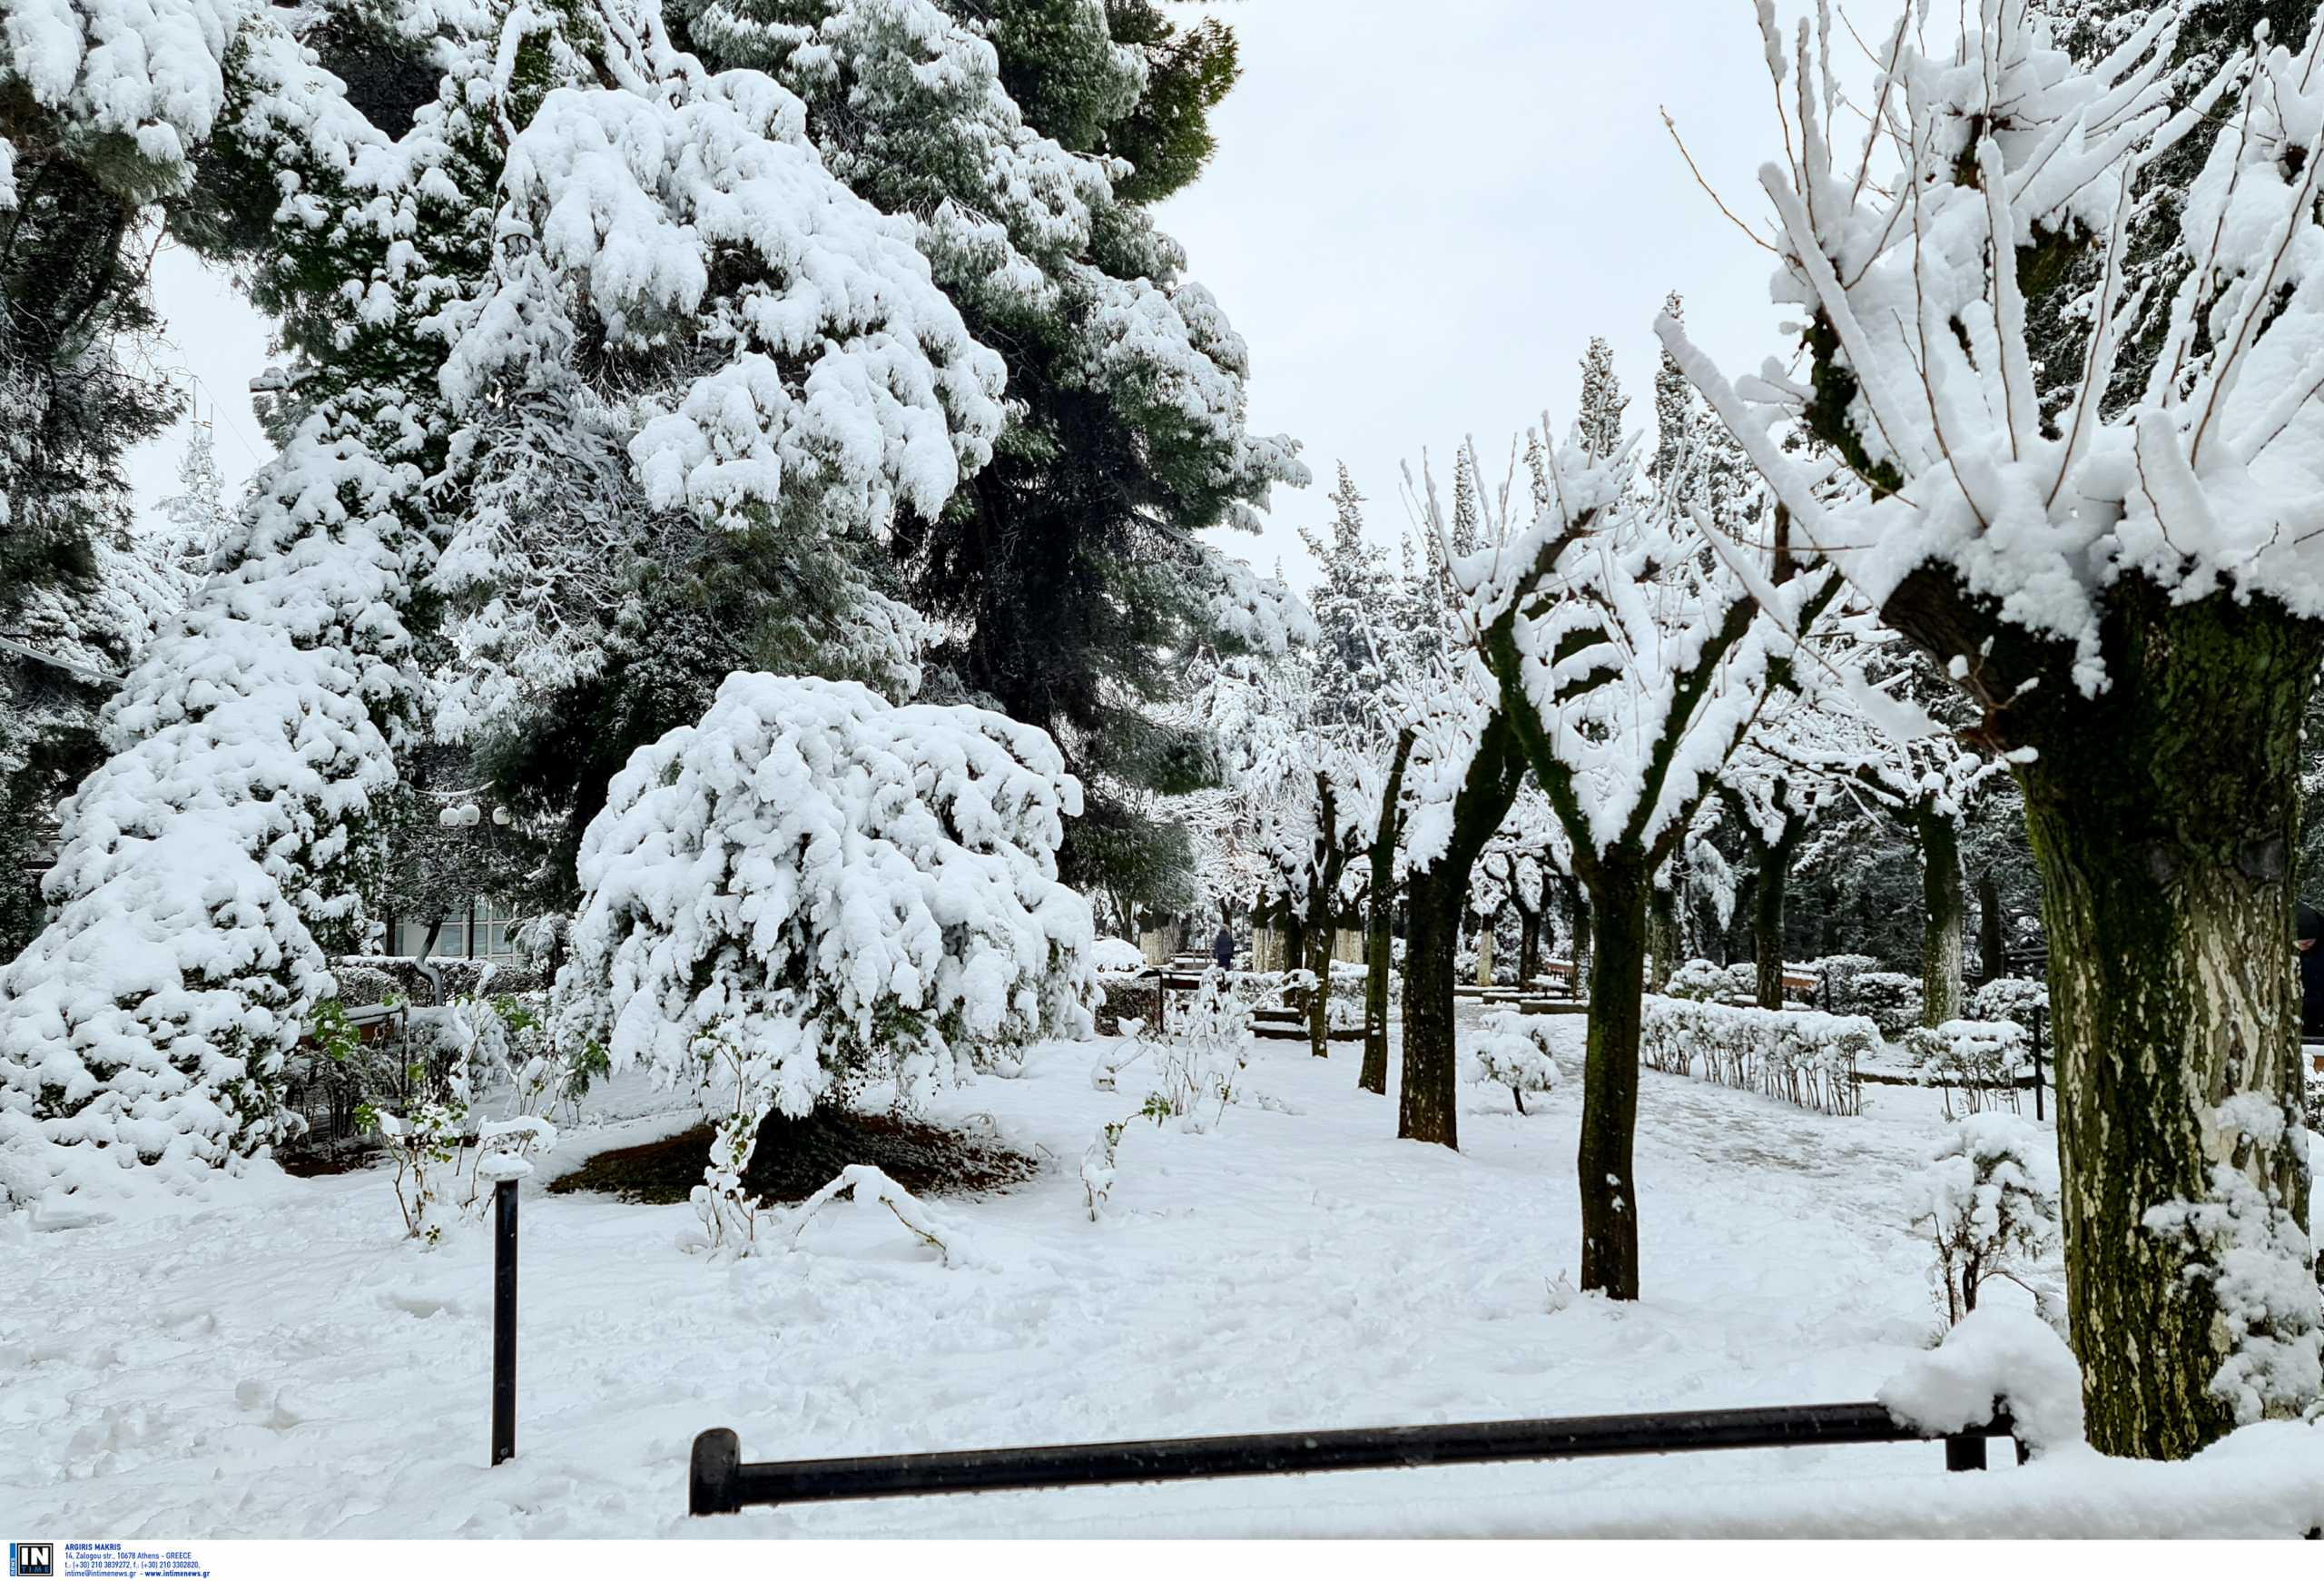 Φλώρινα: Ζώντας στους -25 βαθμούς – Τι λένε οι κάτοικοι του πιο παγωμένου χωριού στην Ελλάδα